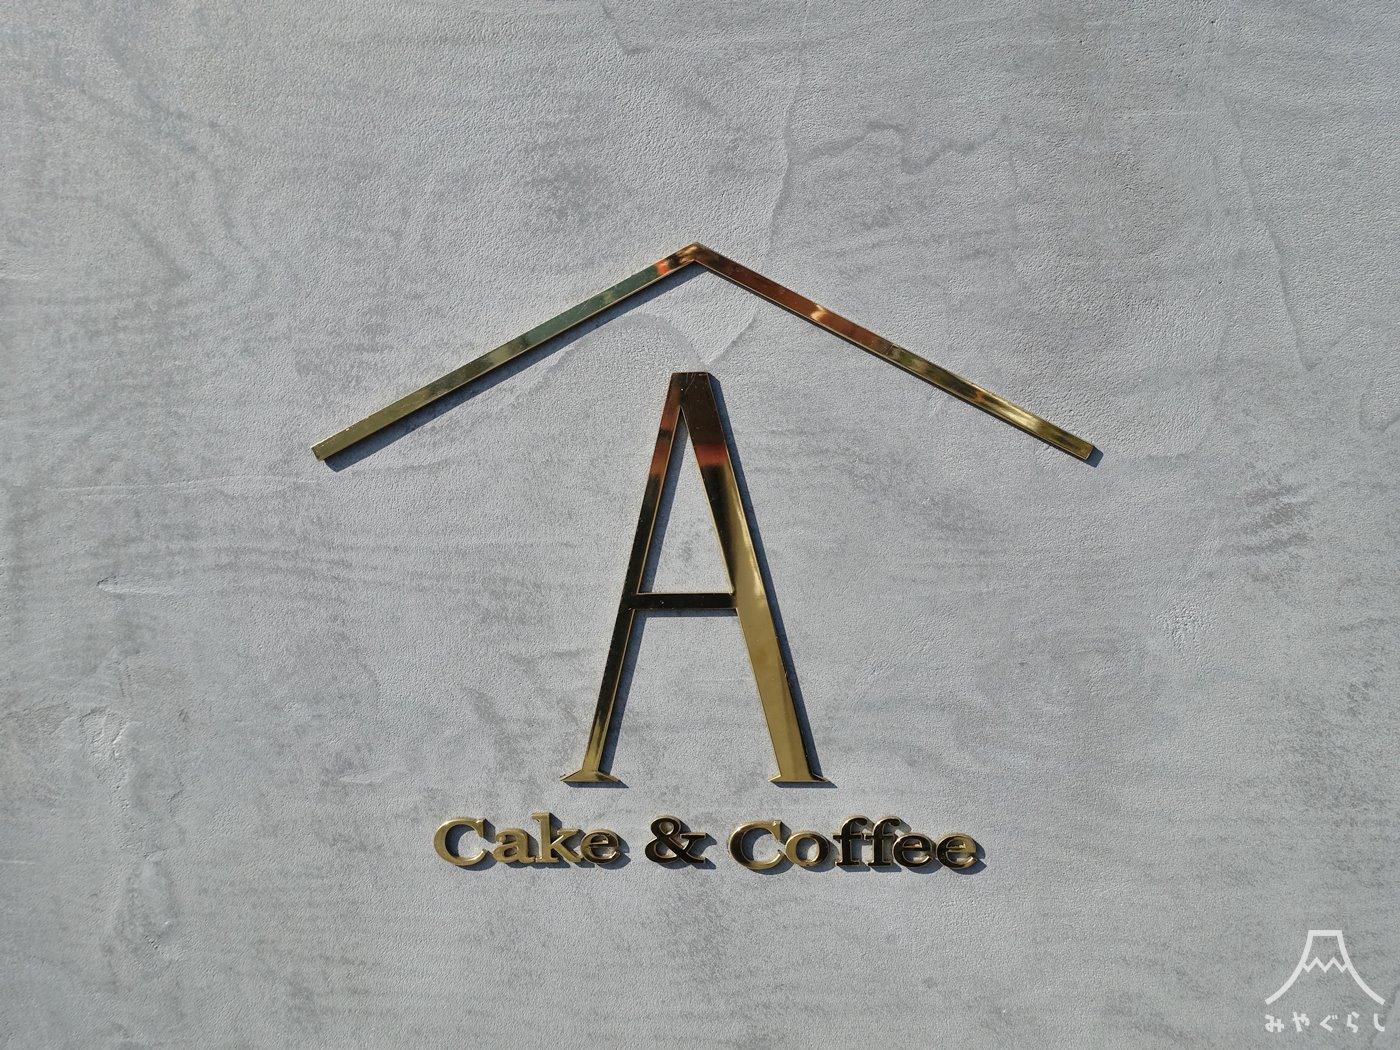 赤池商店のロゴ